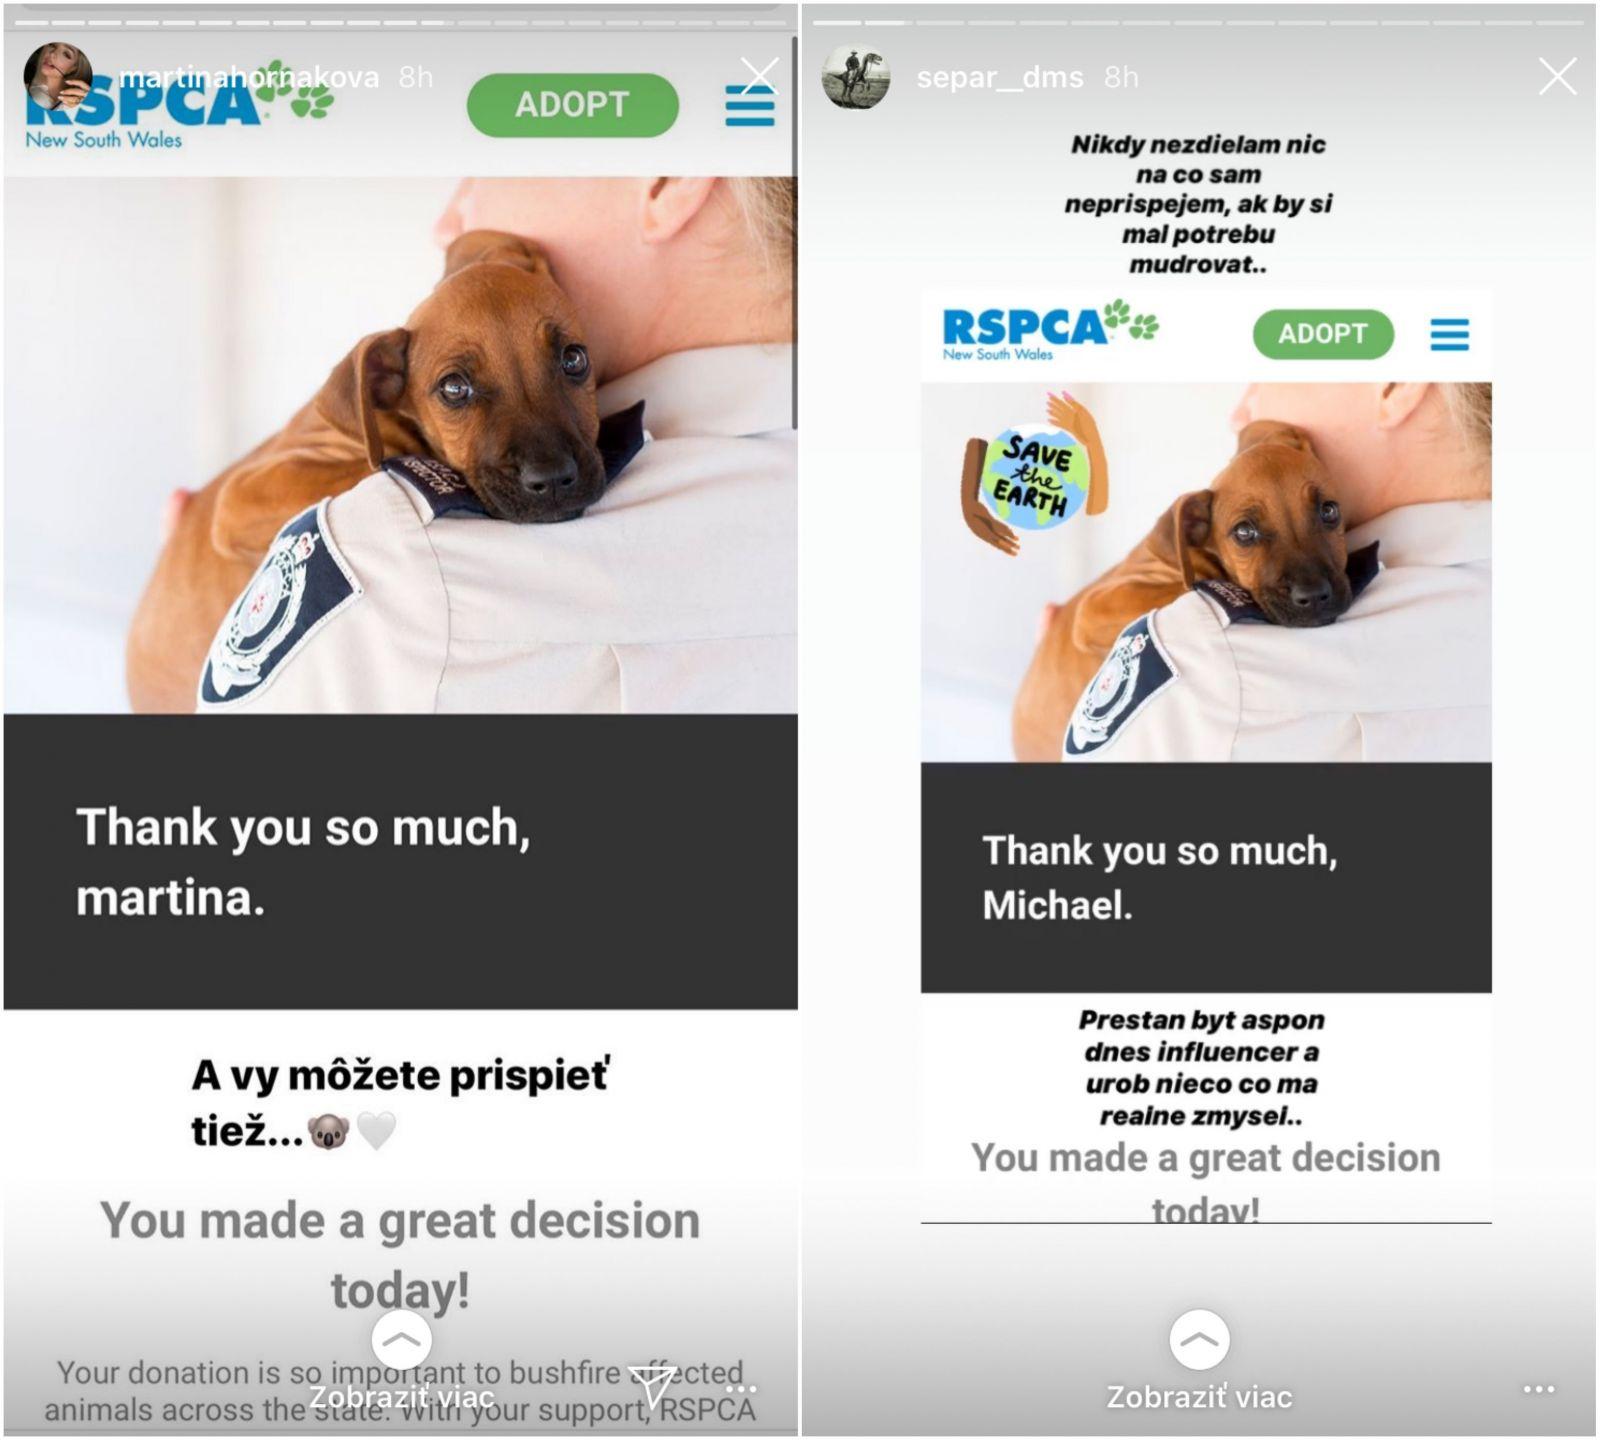 Separ aj Moma vyzývajú Slovákov, aby pomohli v boji s požiarmi a záchranou zvierat v Austrálii. Speváčka Pink venovala 500-tisíc